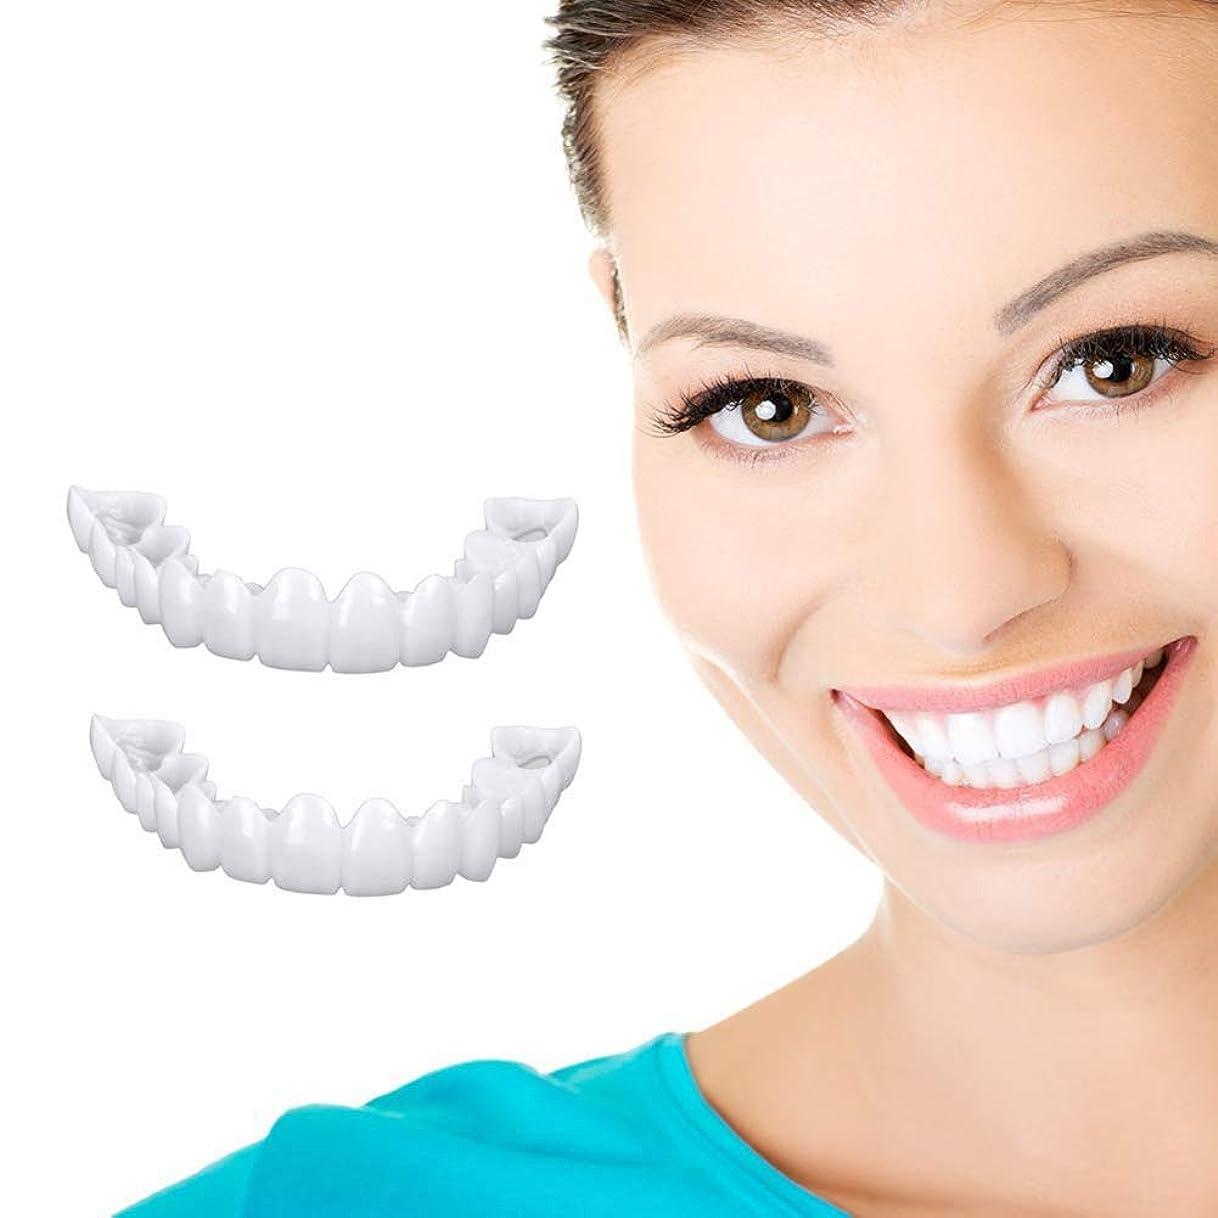 機械的に主導権壁紙歯プロフェッショナルブレース化粧品ホワイトニング偽歯突き板ノベルティ矯正パーフェクトデンチャーボックス入り上下歯セット,1Pairs